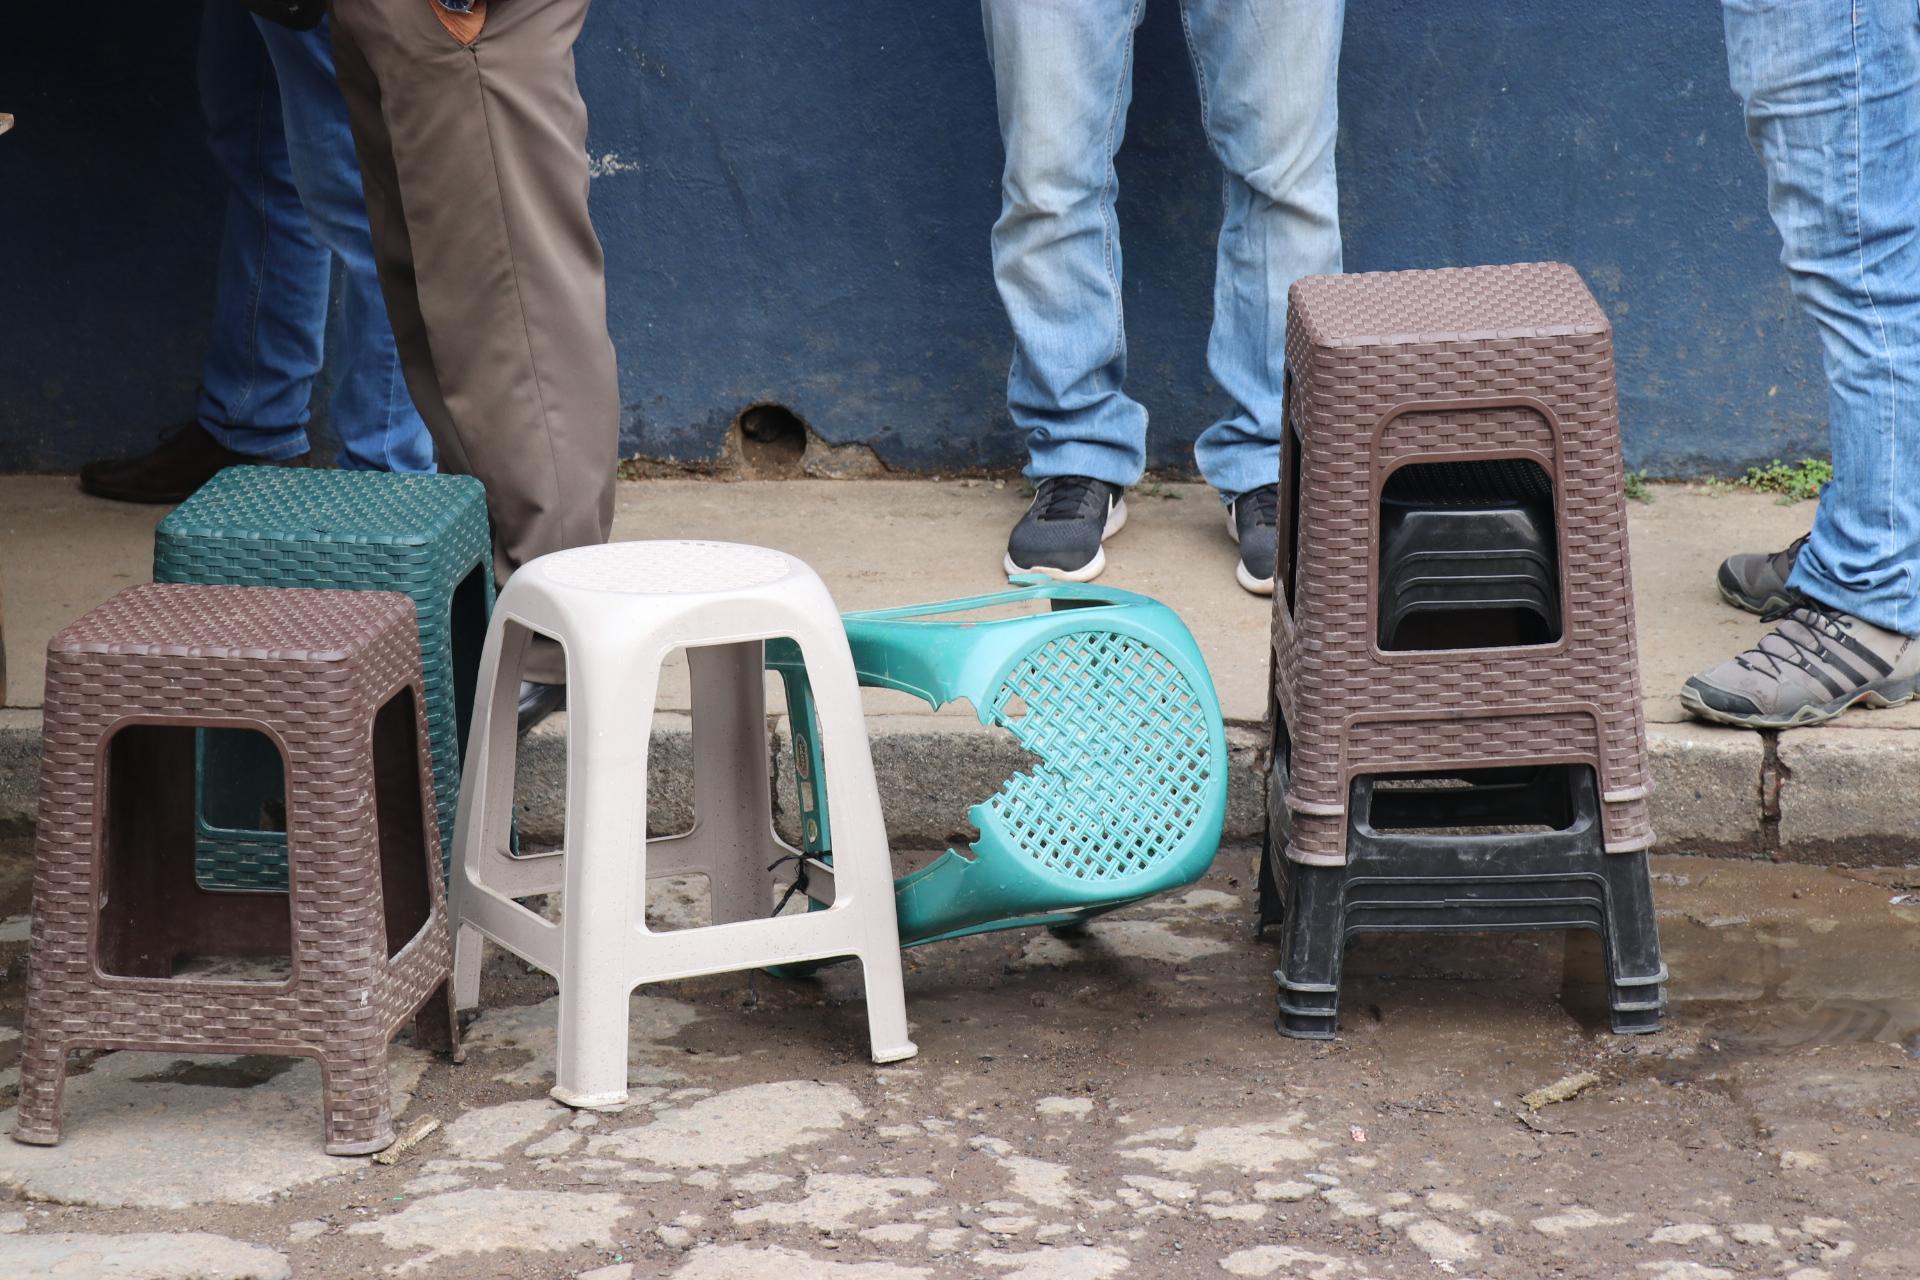 Retiran bancos que eran utilizados para apartar lugar frente a la SAT de Quiché y cobrarle a los usuarios por el espacio. (Foto Prensa Libre: Héctor Cordero).